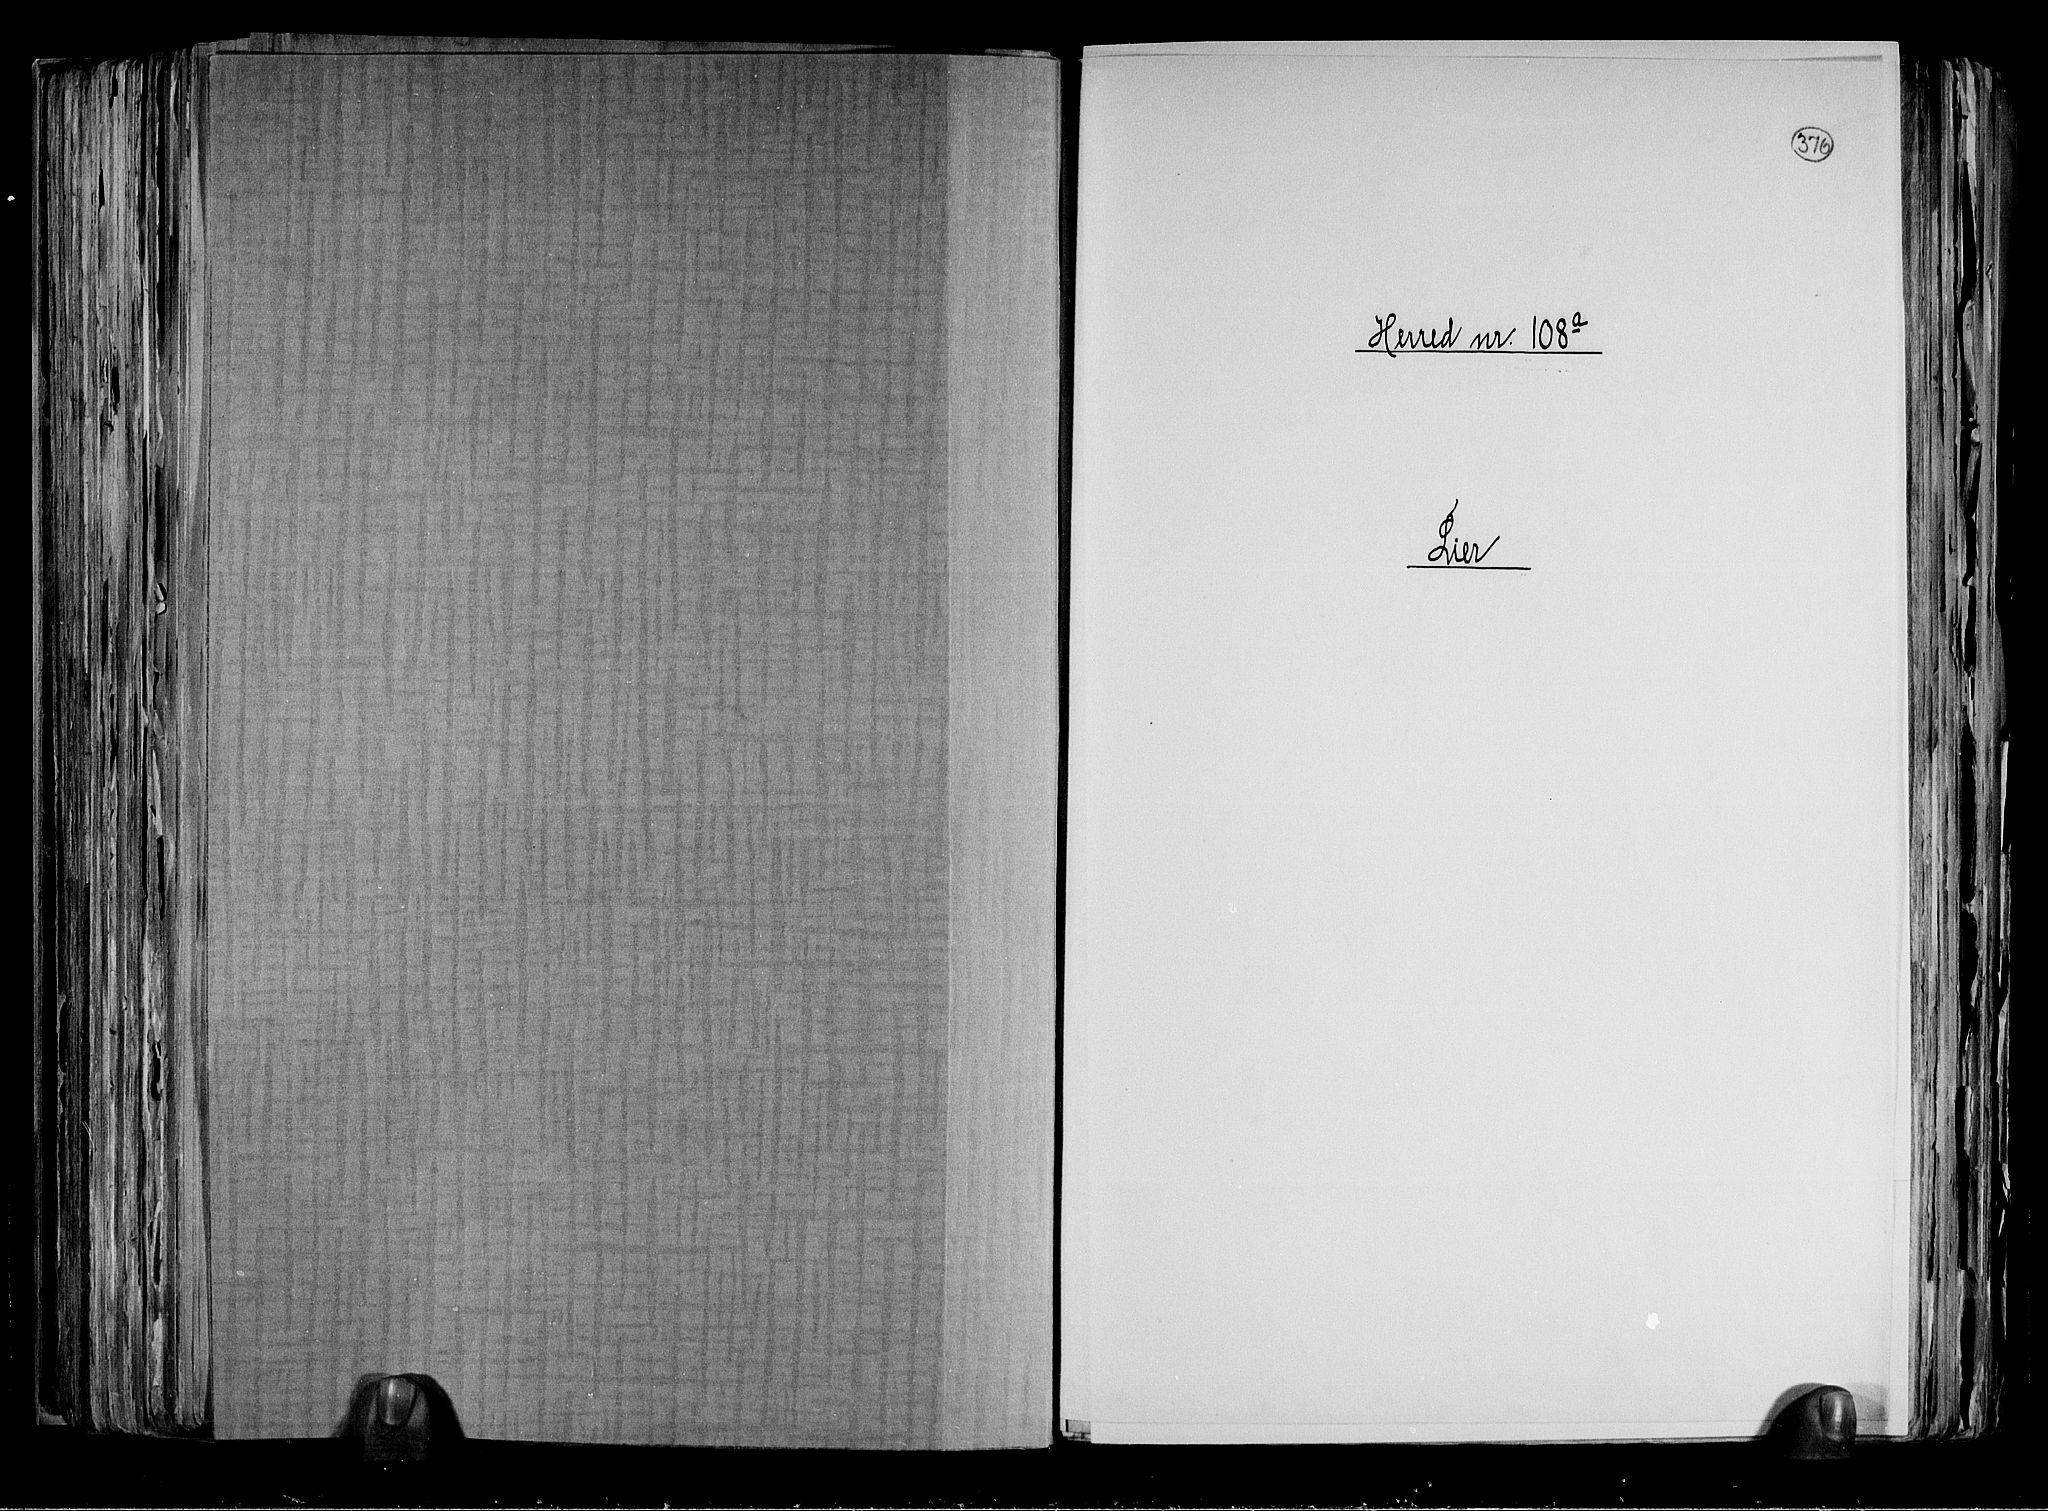 RA, Folketelling 1891 for 0626 Lier herred, 1891, s. 1